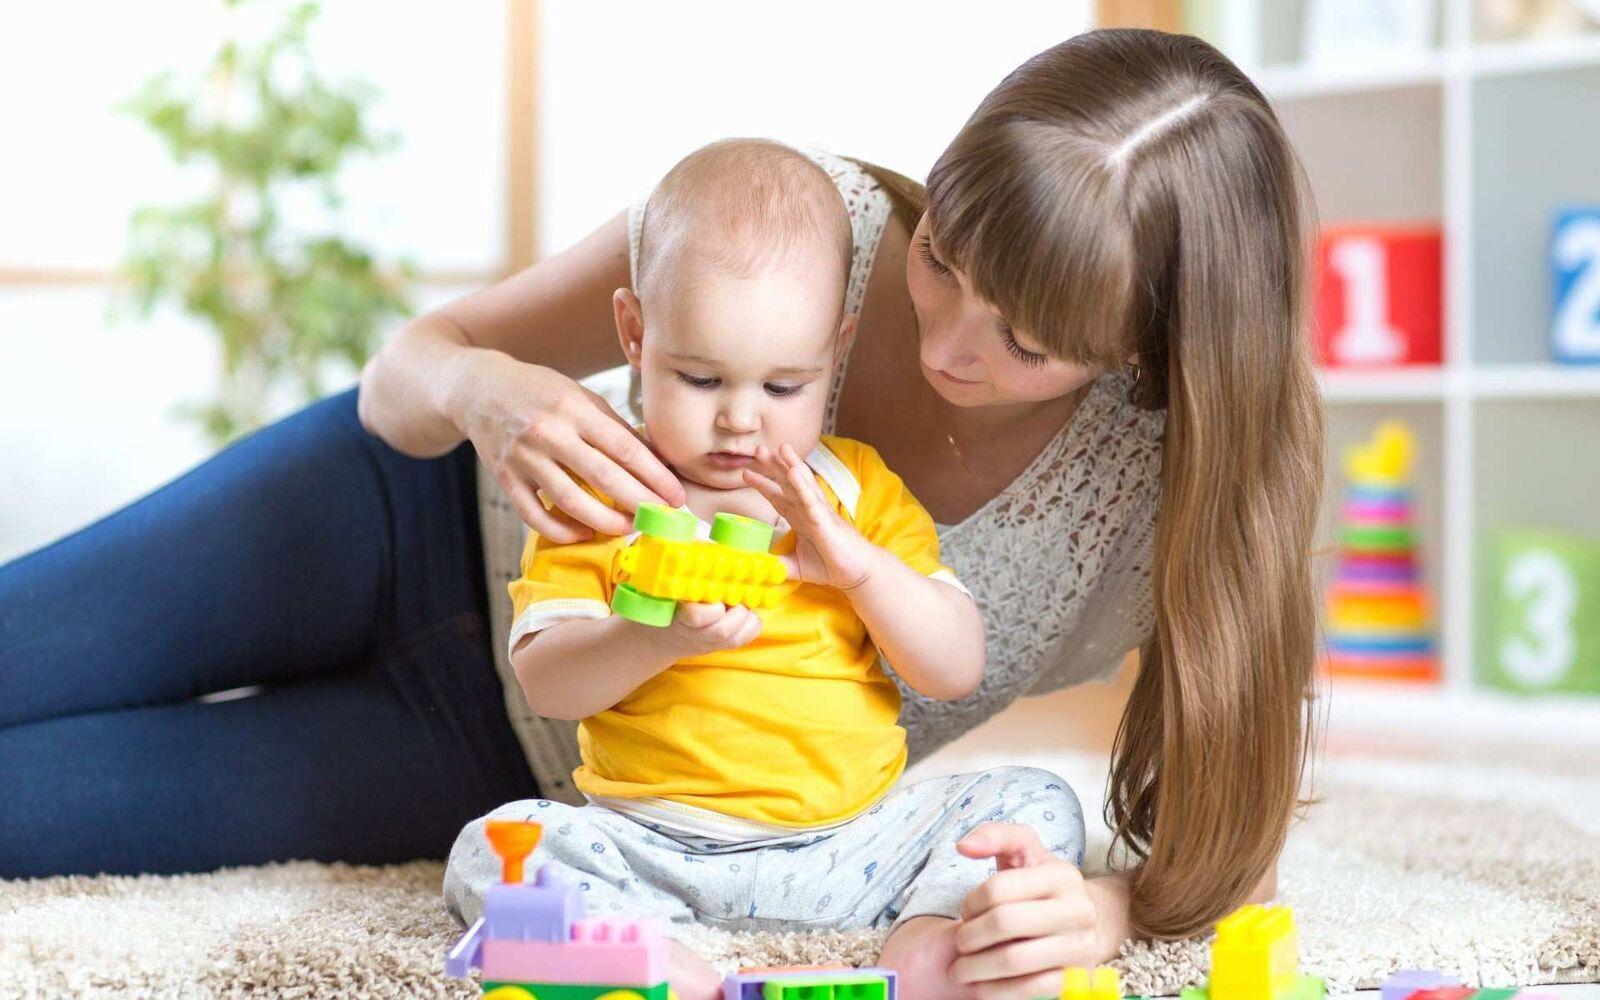 Quando Inizia A Gattonare Neonato sviluppo nei primi 12 mesi : consigli, metodi, primi giochi